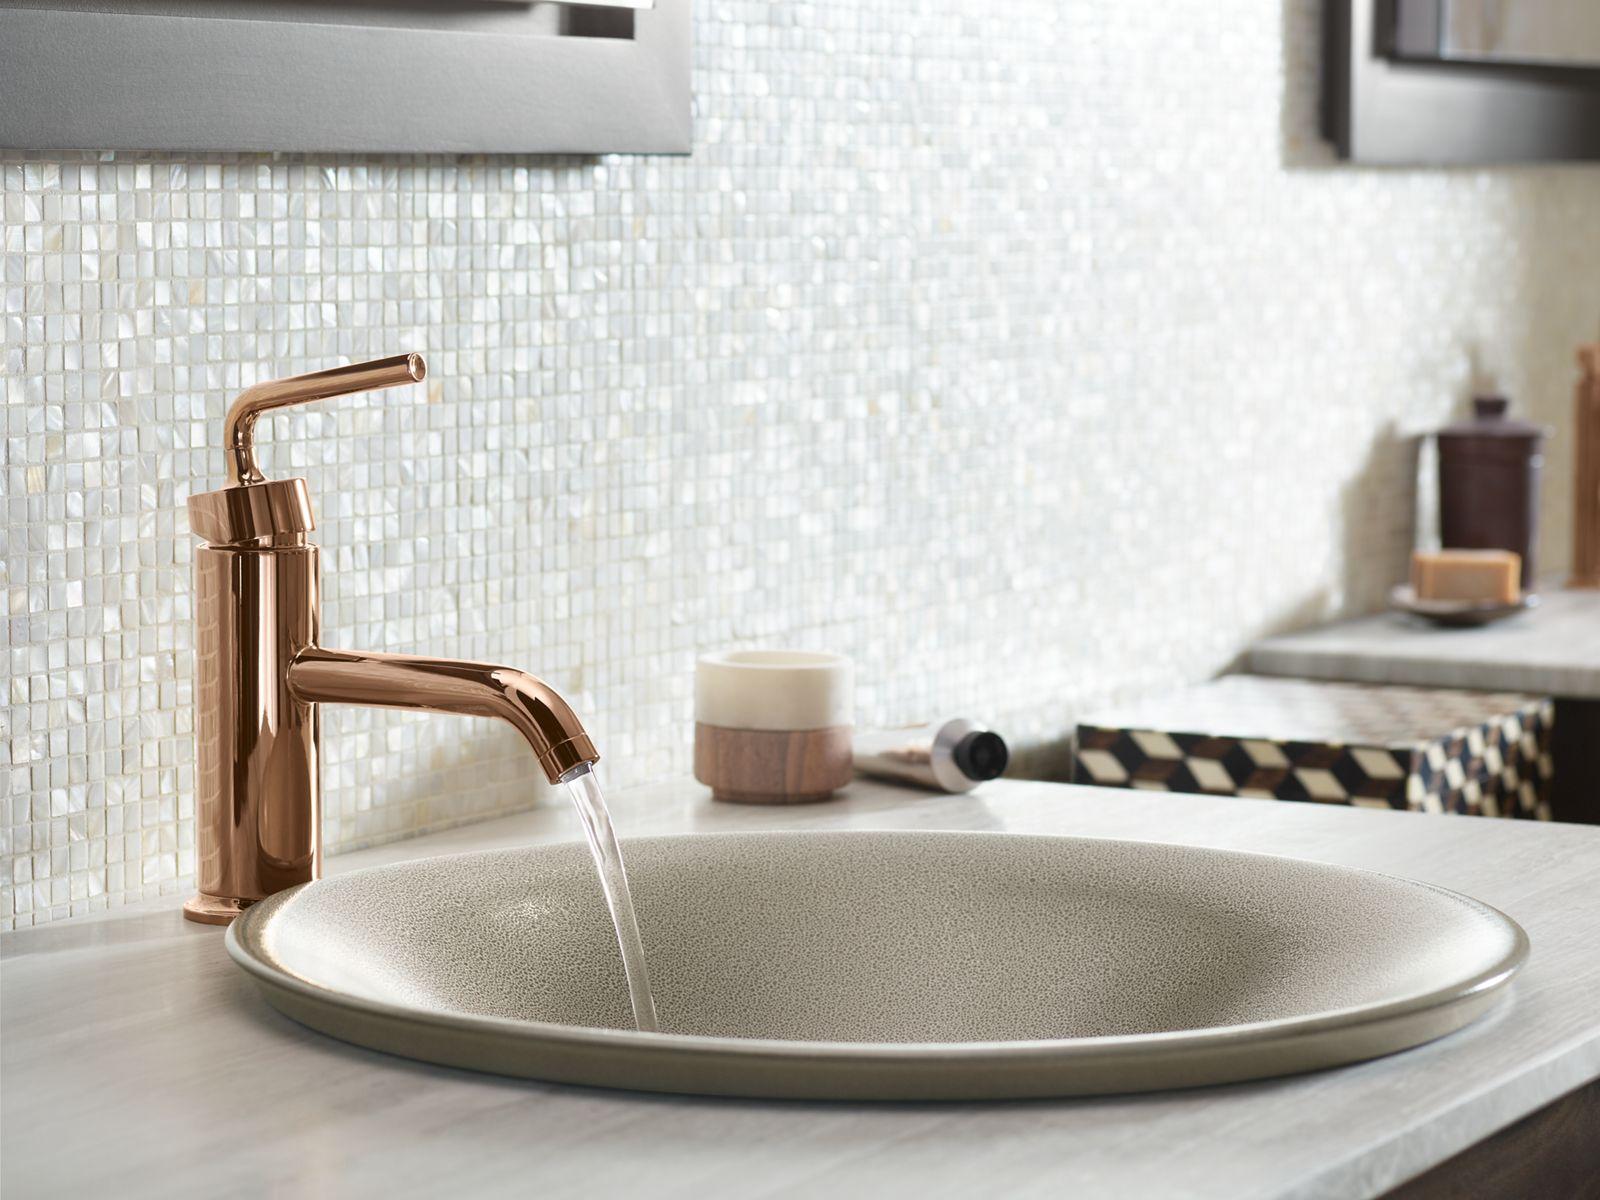 vibrant moderne brushed gold bathroom